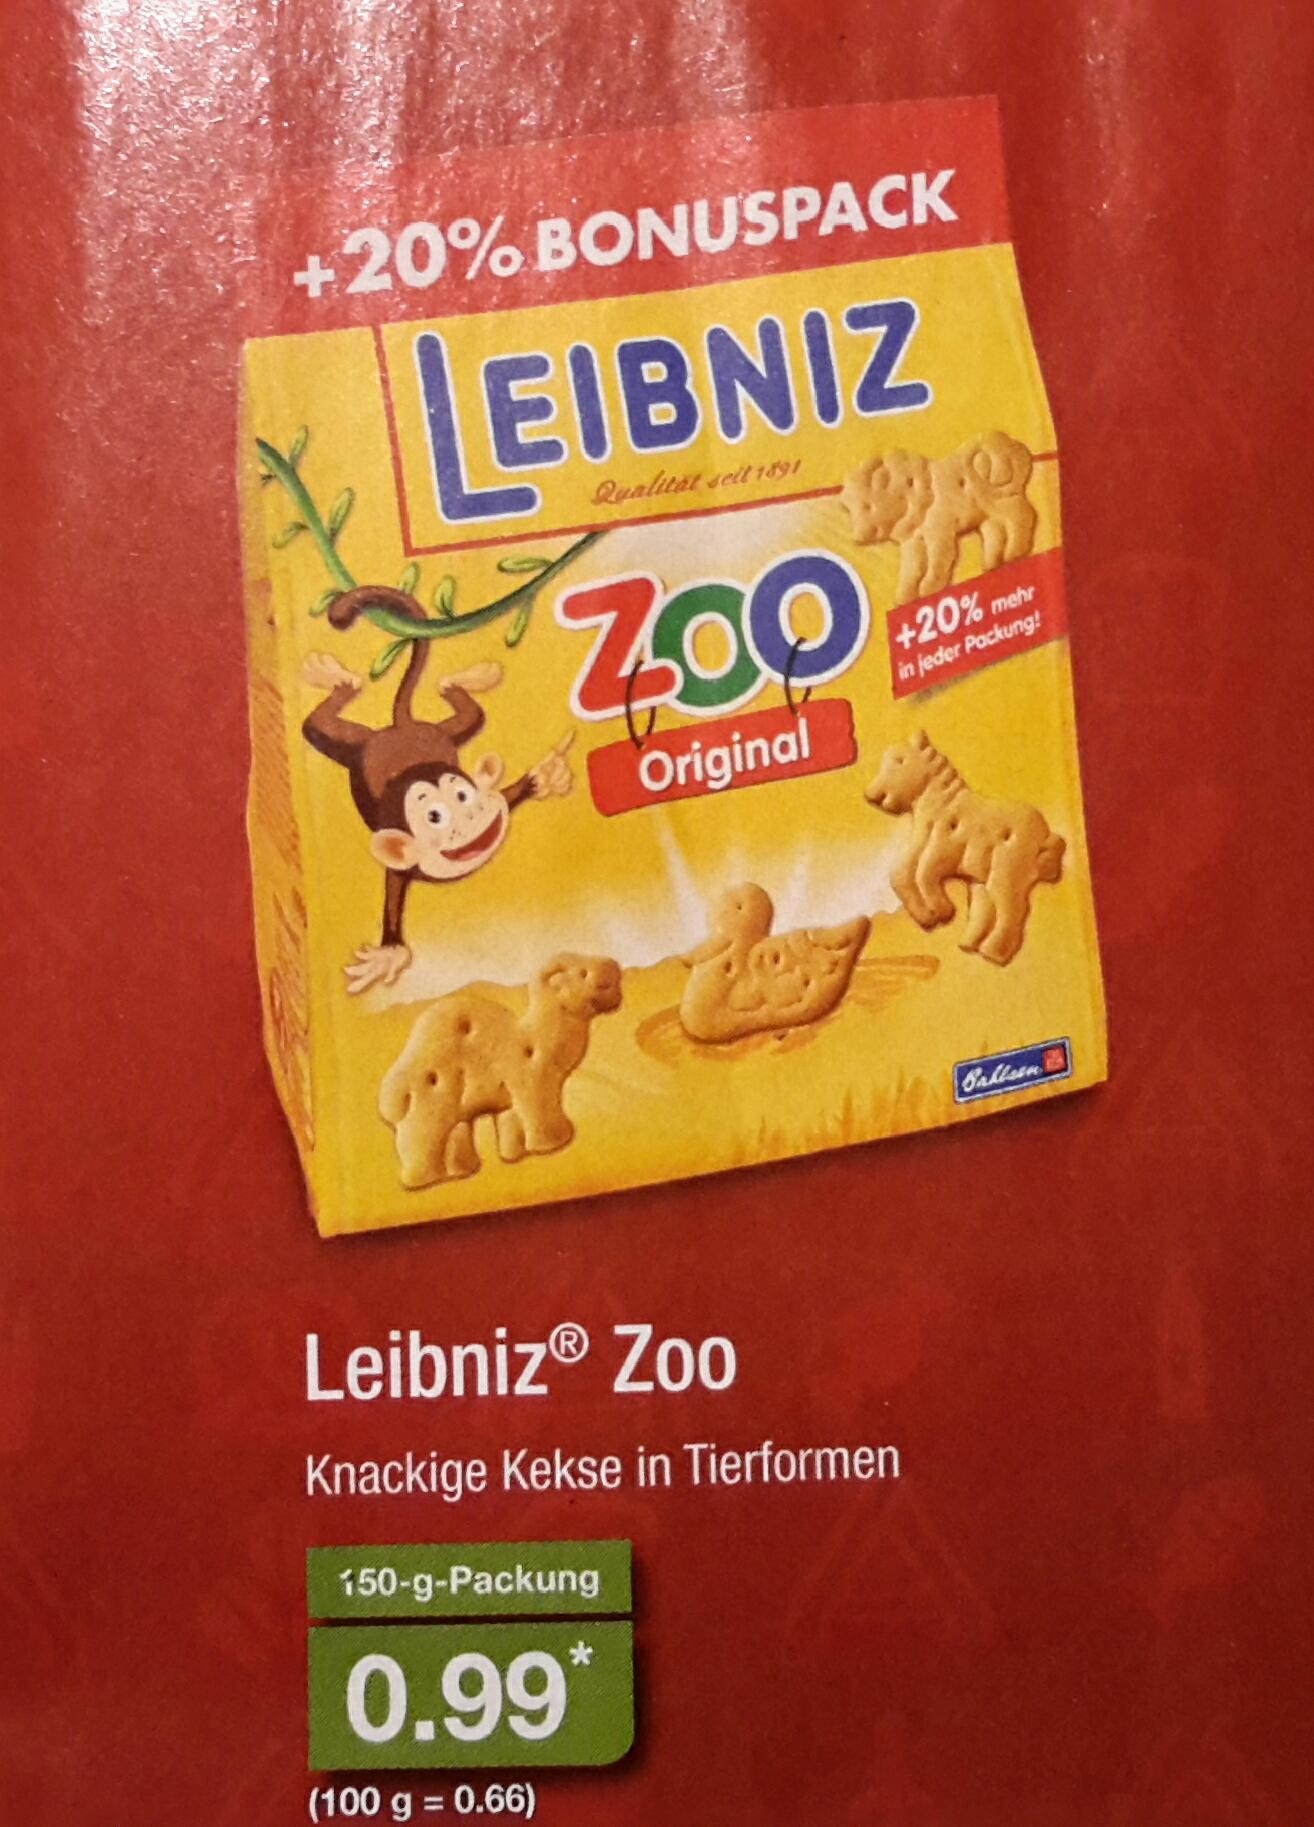 [Aldi Nord] Leibniz Zoo Butterkekse für 0,99 € für den 150 Gramm Bonuspack ab 17.03.2017